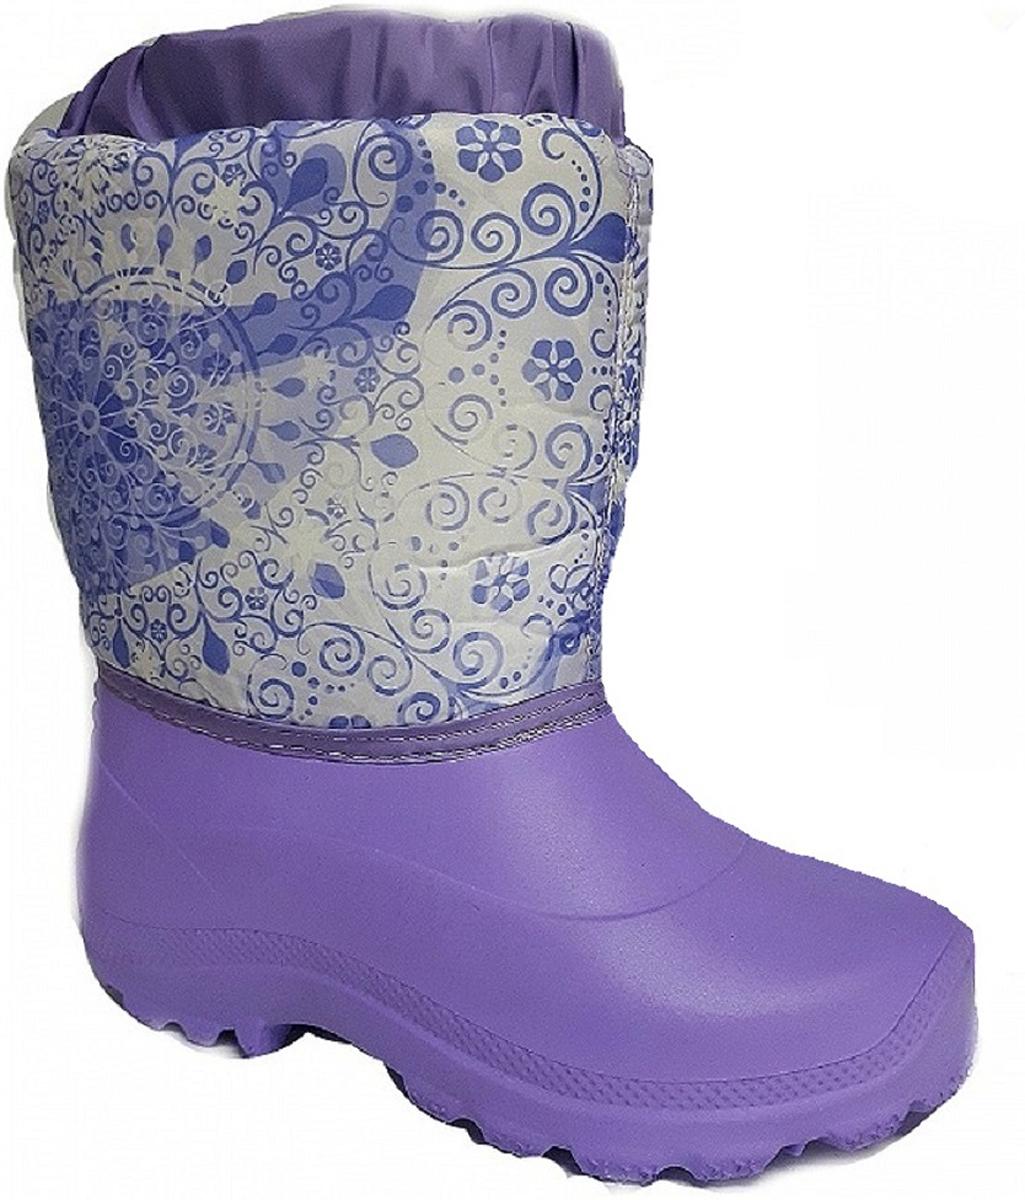 Норды детские Дарина Варенька, цвет: сиреневый. Размер 30-31Д604/30-31сиреньНорды детские Варенька очень легкие и теплые.Низ норда выполнен из морозостойкого материала ЭВА, и анти-скользящей подошвы. Верх норда выполнен из сверхпрочного материал Step и многослойной водоотталкивающей ткани - Drive, что позволяет сохранить ноги вашего ребенка в тепле и сухости.Температурный режим: до -20С.Свойства ткани Дюспо – это прочная ткань из синтетических волокон (нейлона или полиэстера) определенной структуры с нанесенным полиуретановым покрытием (PU или PVC). Это покрытие обеспечивает водонепроницаемость ткани оксфорд и препятствует накоплению грязи между волокнами. Рулонный пенополиуретан (ППУ) широко используется в обувной промышленности.Не съёмный.Кол-во слоев: 3.Вид ткани: ворсин + стелька ЭВА.Состав ткани: однослойное ворсованное полотно из полиэстера. Поверхностная плотность 400 г/м2. Используется как альтернатива искусственному меху.